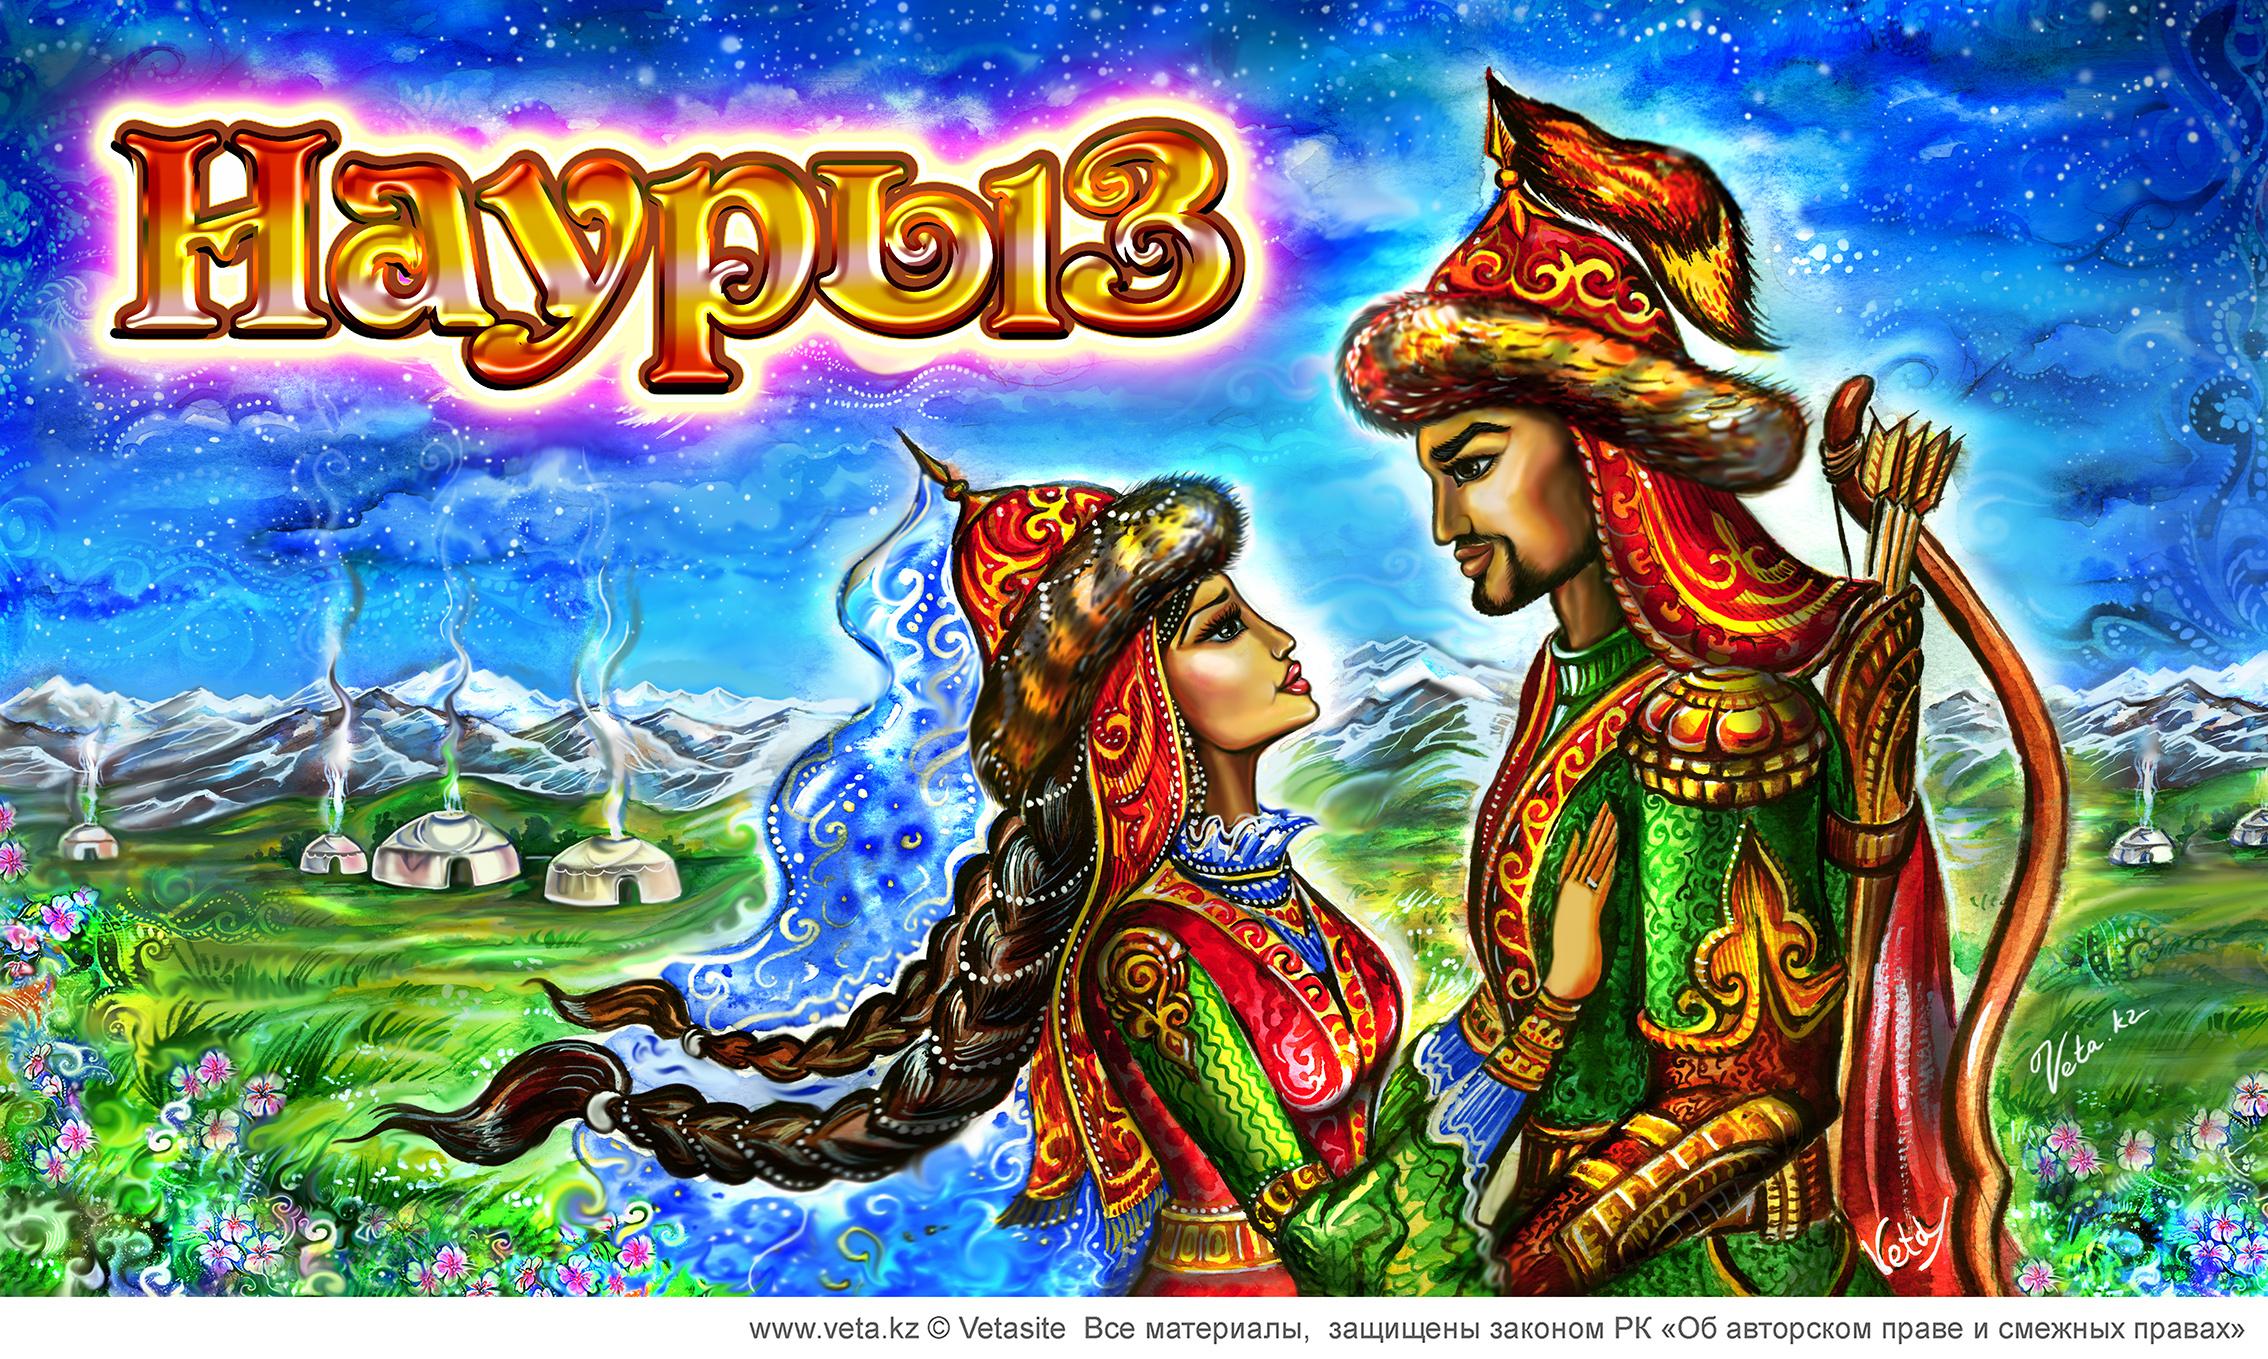 Открытки людмила, открытки с казахским праздником 15 марта